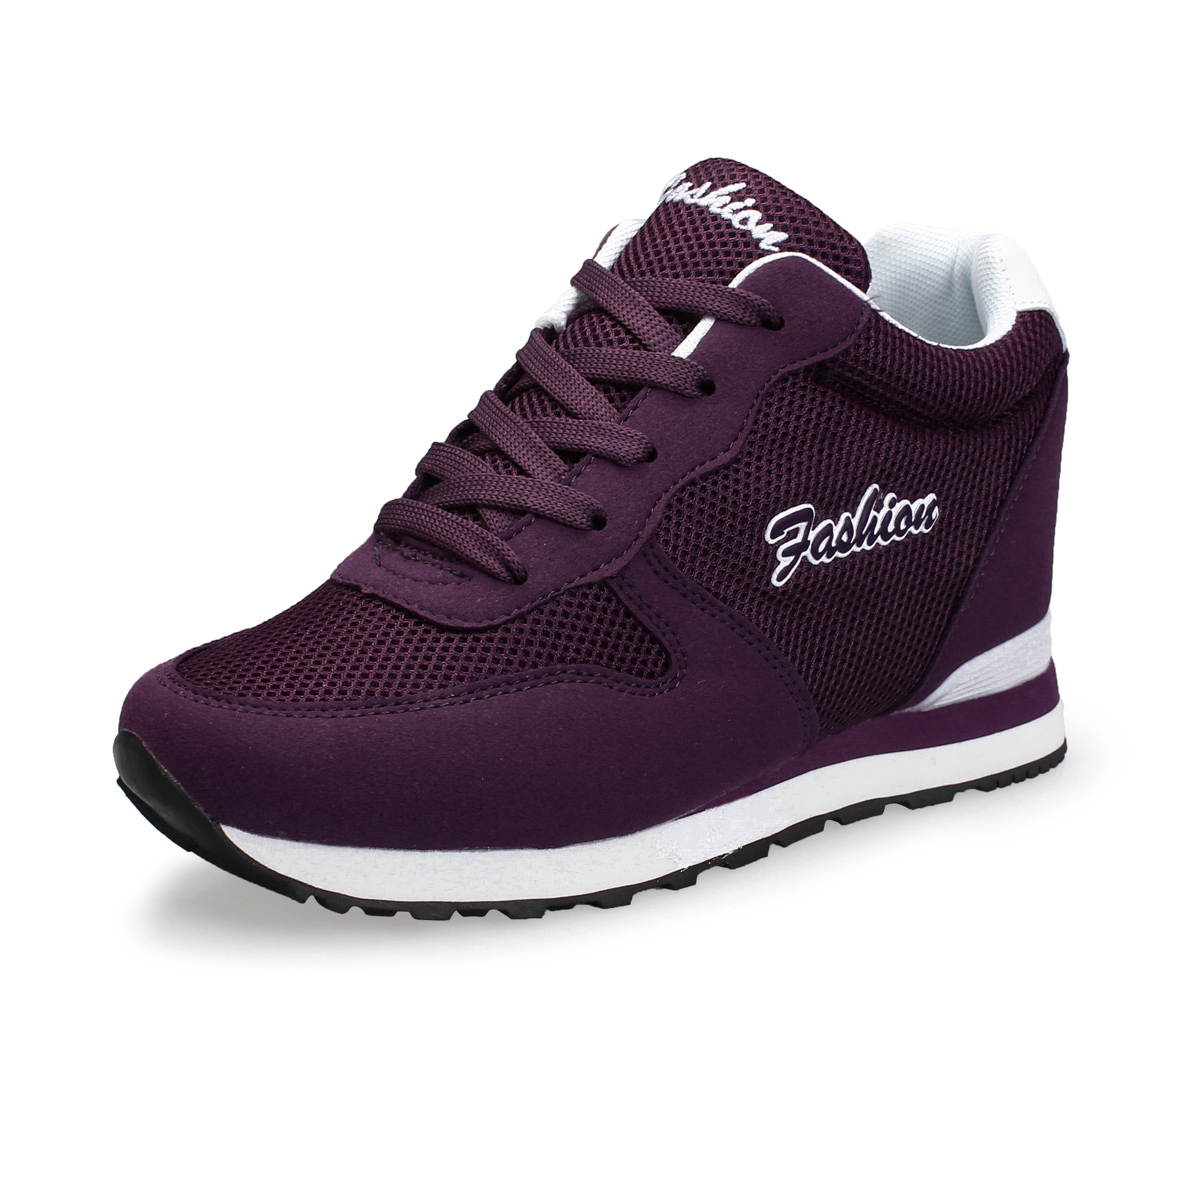 紫色运动鞋 系带隐形内增高鞋女秋夏休闲时尚网鞋好看透气运动鞋流行深紫色潮_推荐淘宝好看的紫色运动鞋